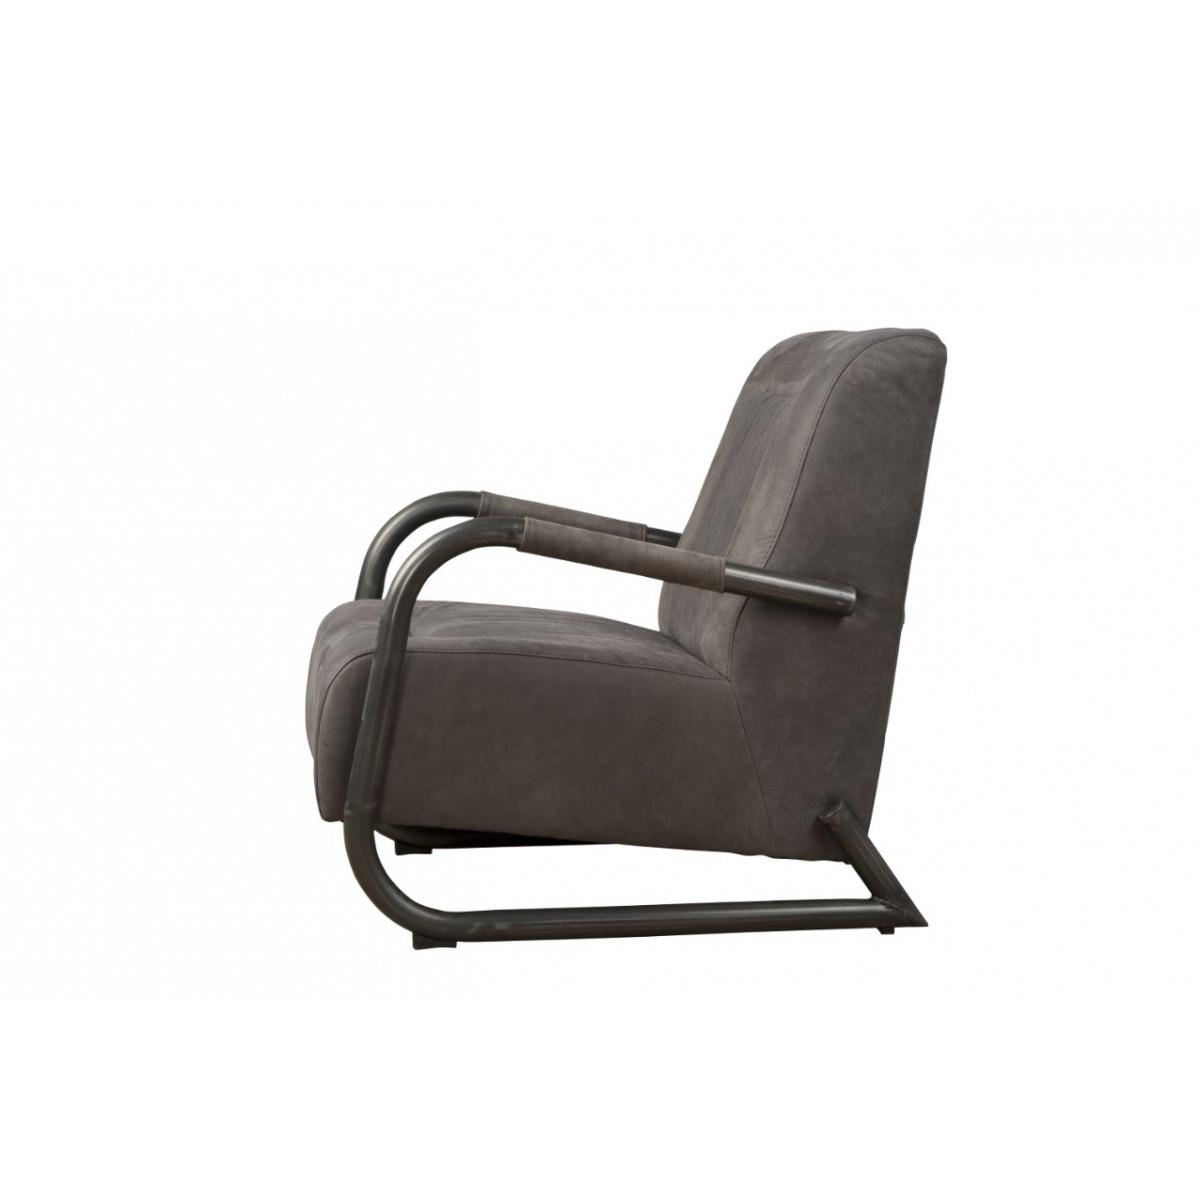 barn-coffeechair-fauteuil-vintage-leer-stone-lm0017-zijkant